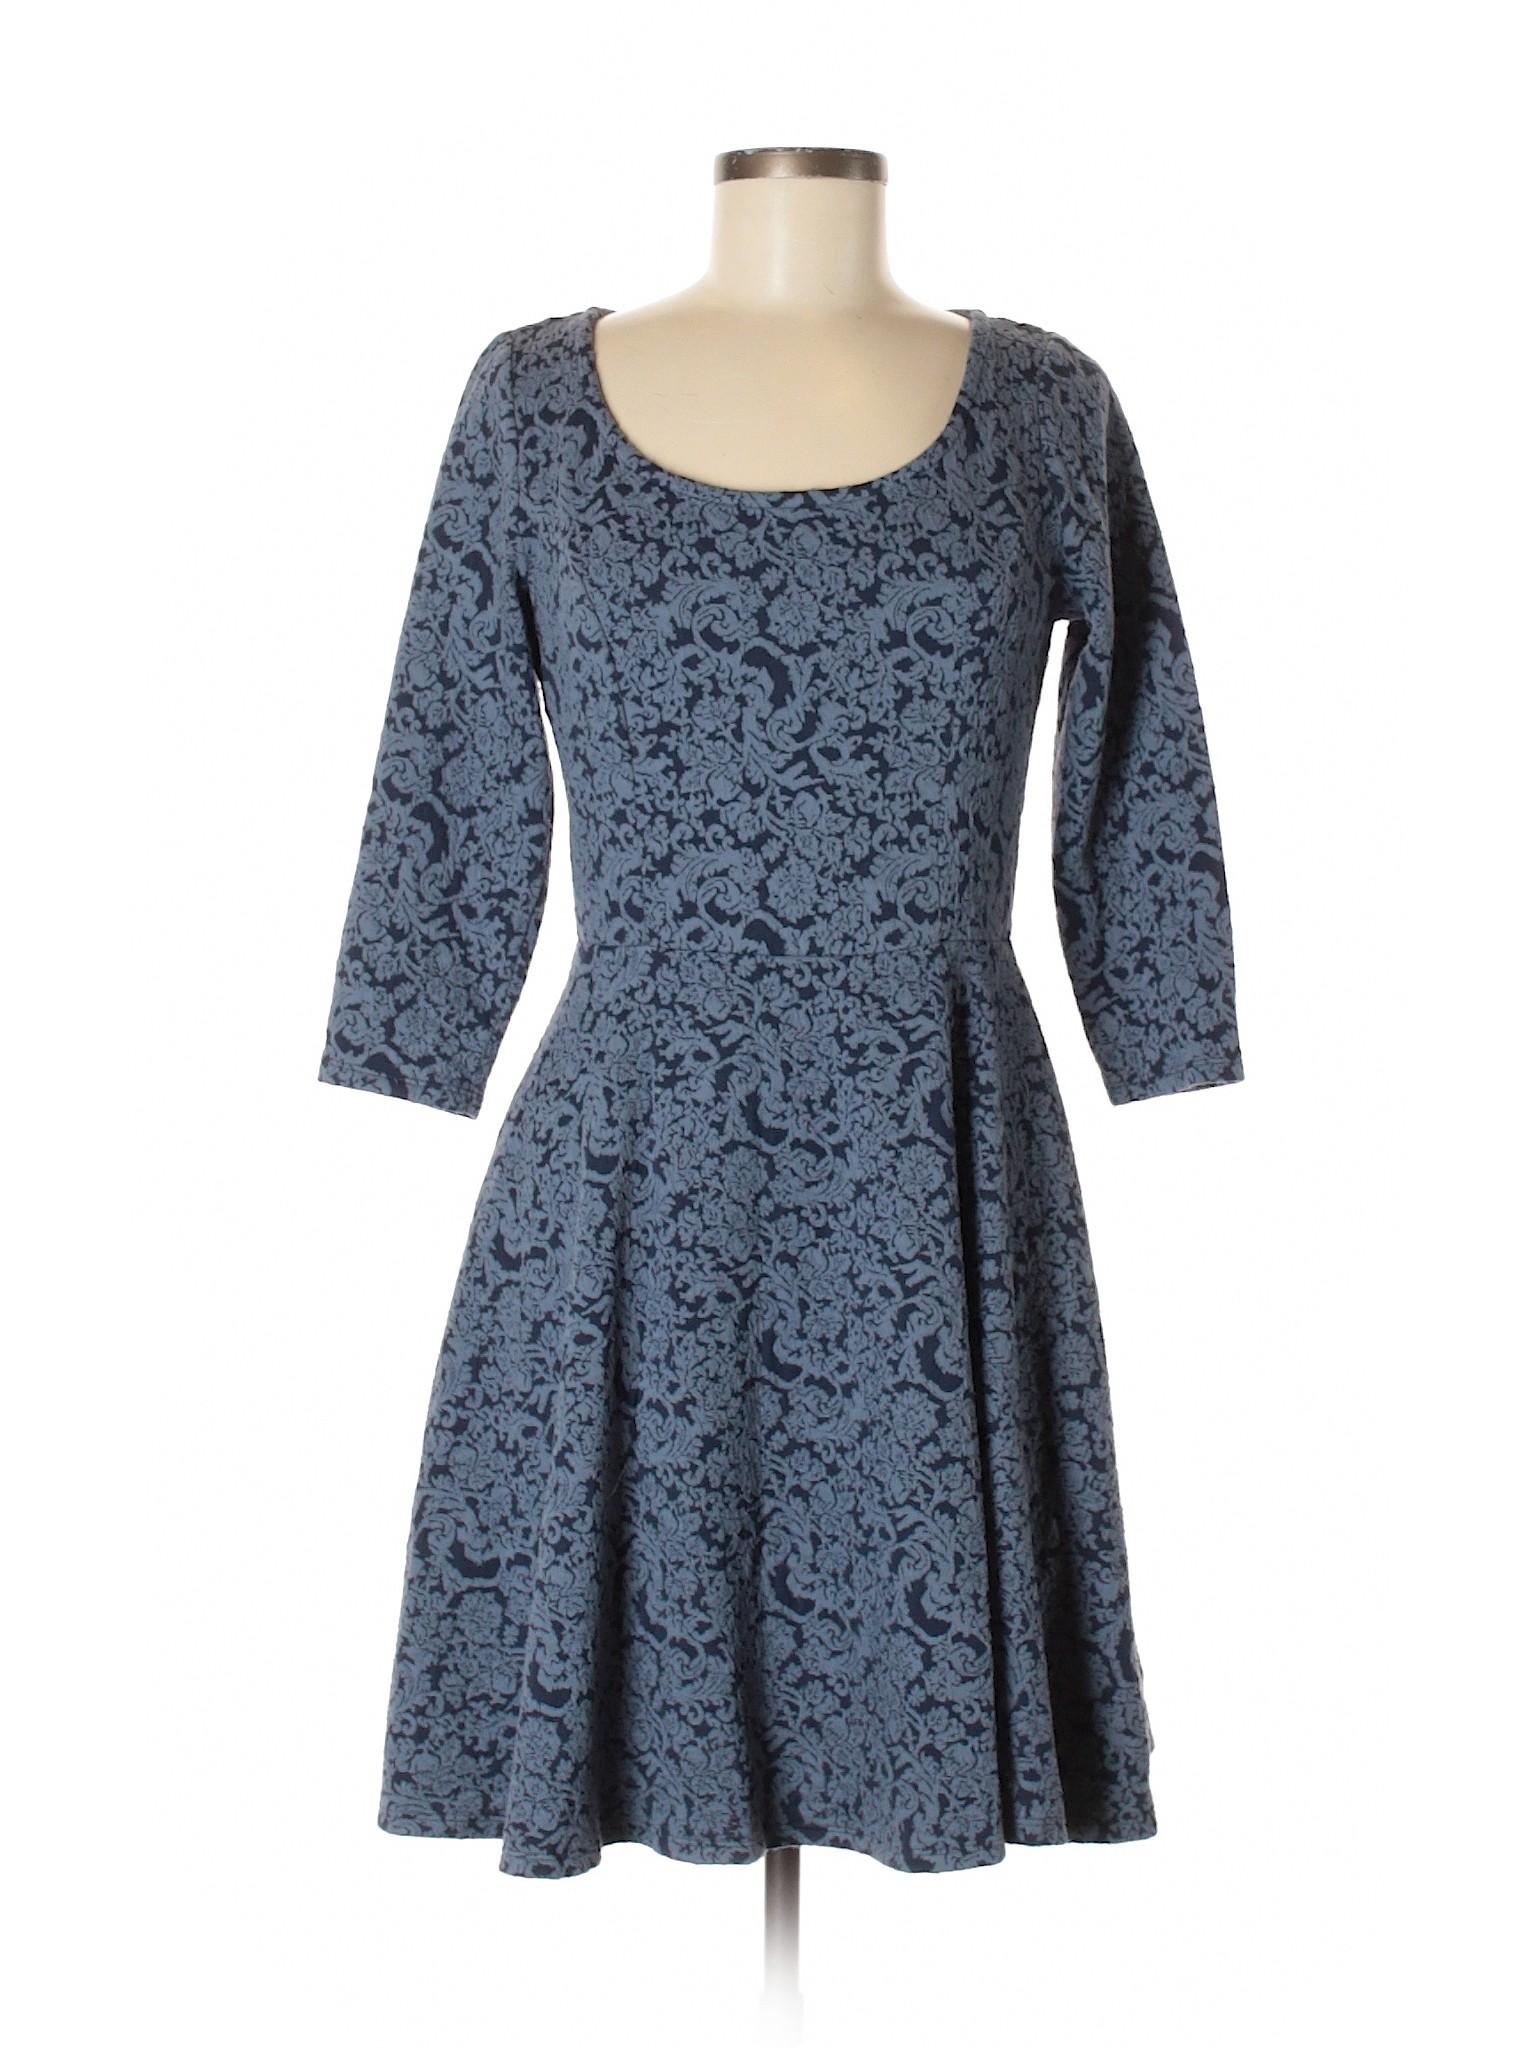 Dress Boutique Casual winter LC Lauren Conrad wSf0URXq0